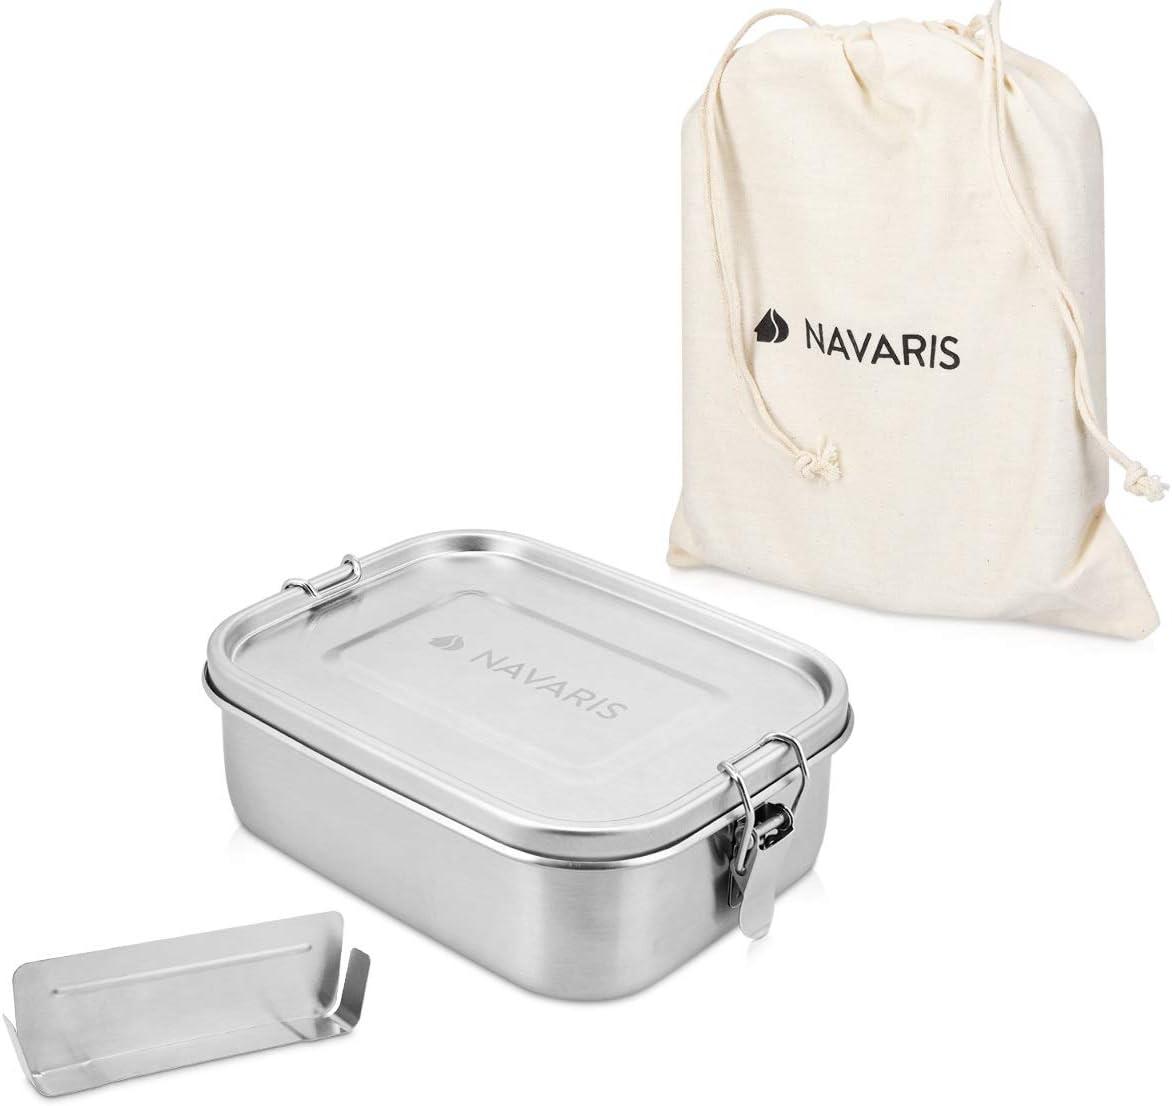 Navaris Fiambrera de Acero Inoxidable para Comida - Envase hermético con Separador y Tapa - Recipiente Rectangular de 800 ML - Lunch Box de Metal